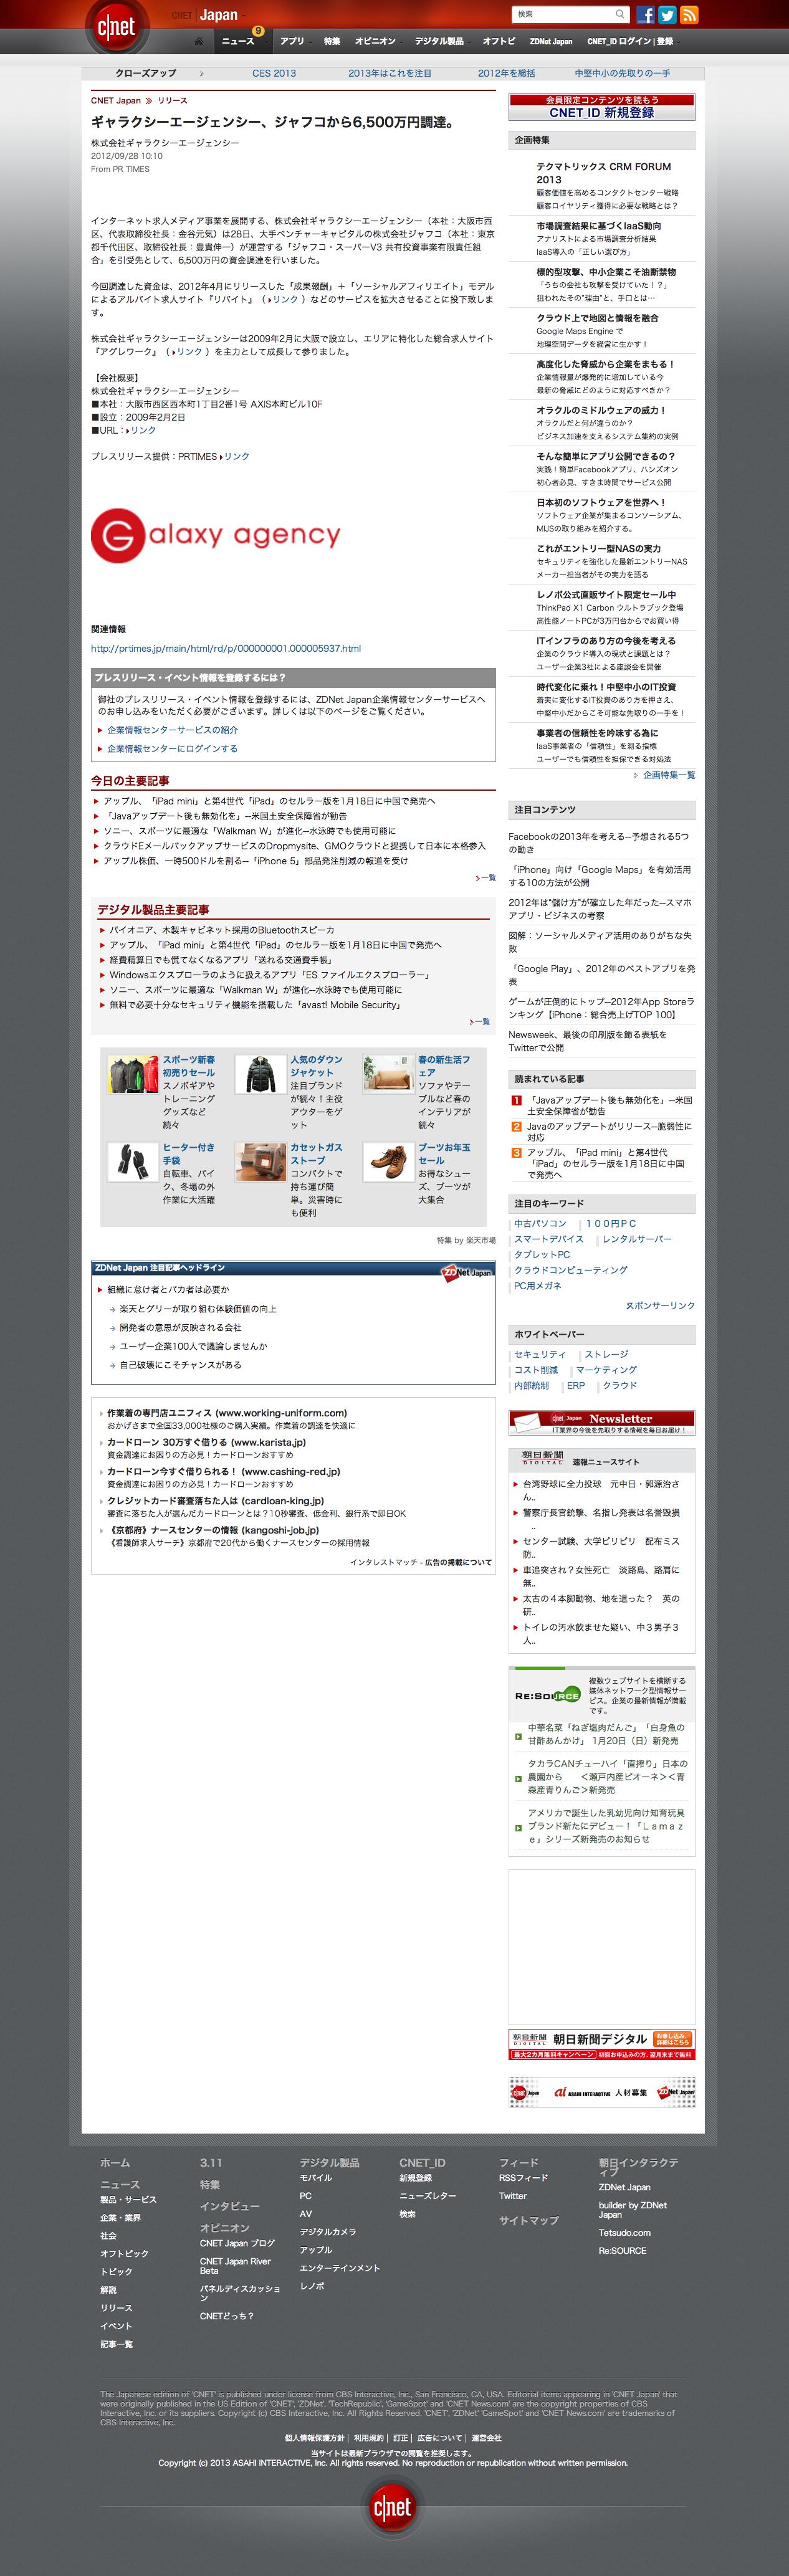 ギャラクシーエージェンシー、ジャフコから6 500万円調達。   CNET Japan